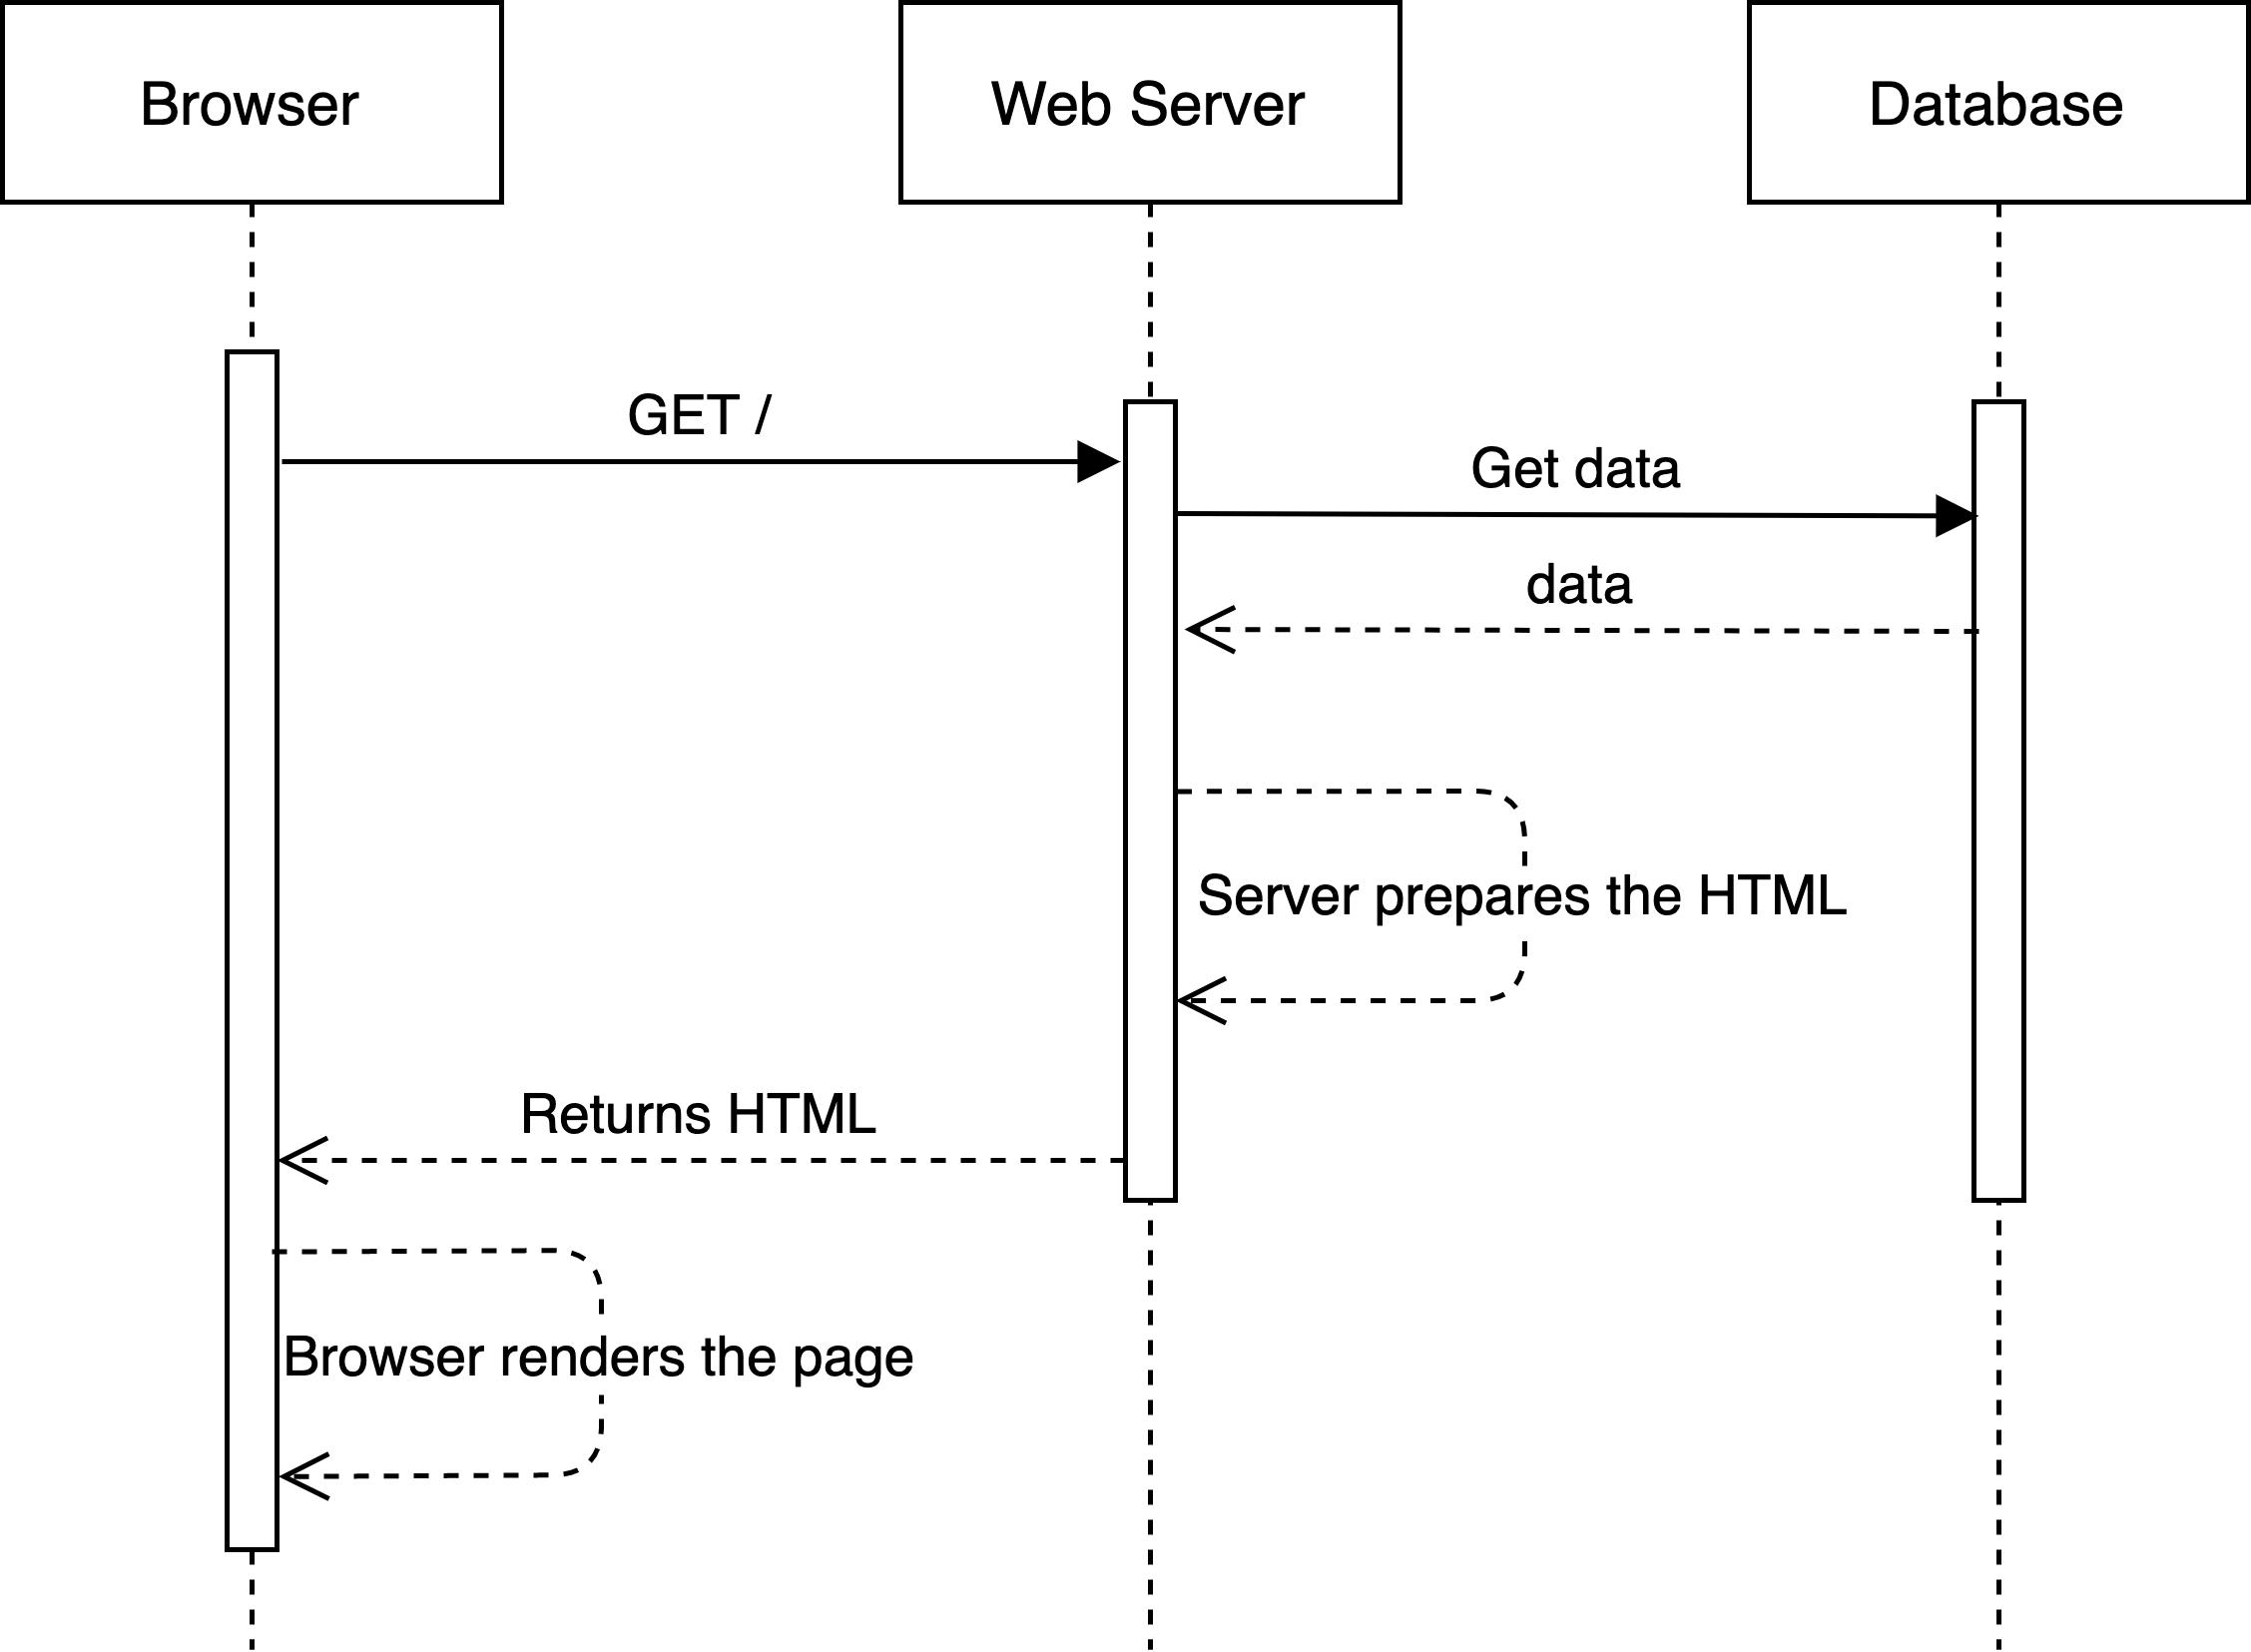 Server Side Diagram